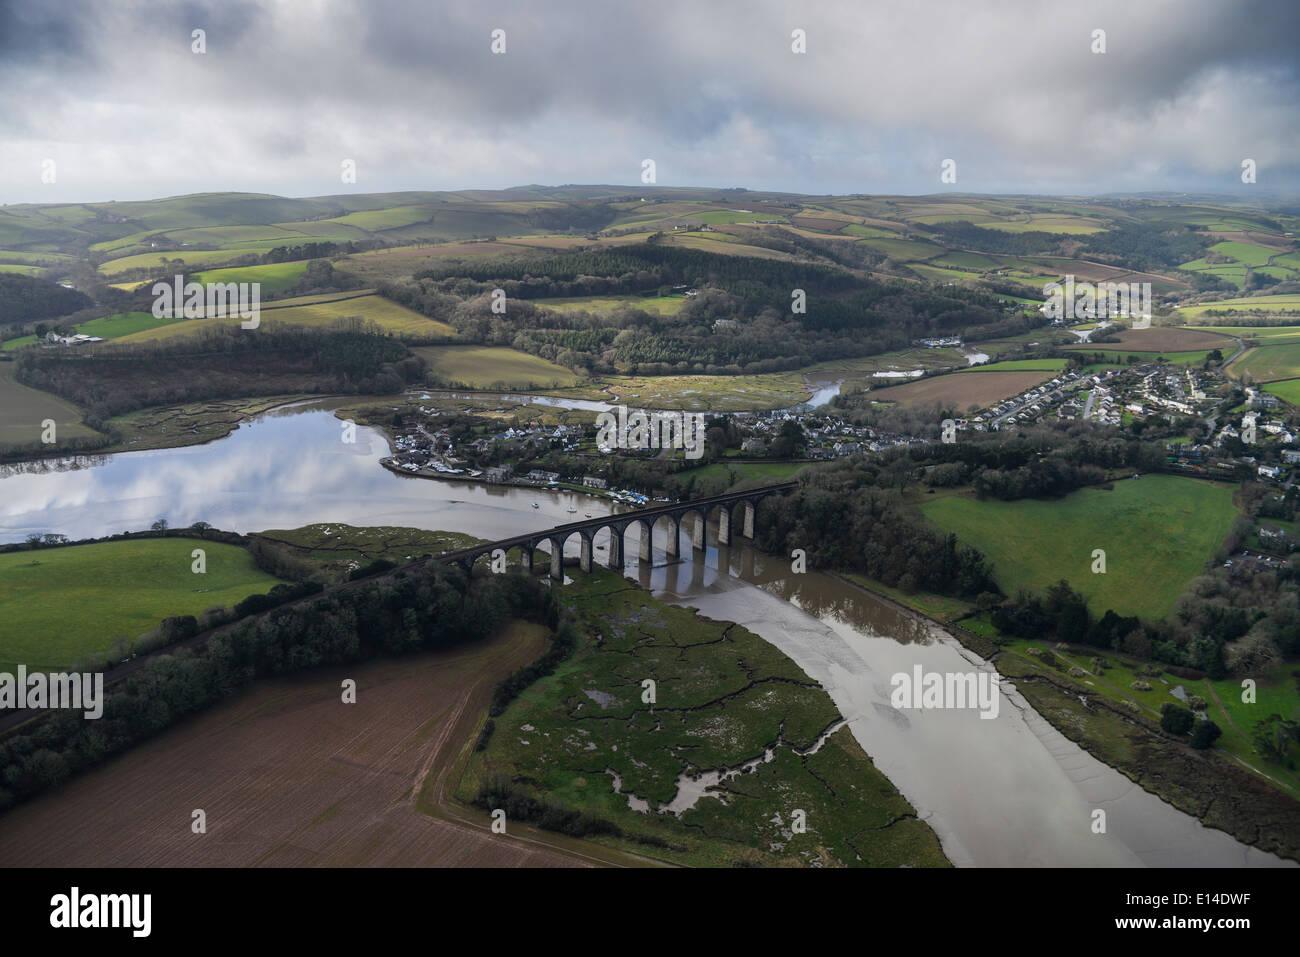 Eine Luftaufnahme des St. Germans in Cornwall, das Viadukt über den River Lynher zeigt Stockbild